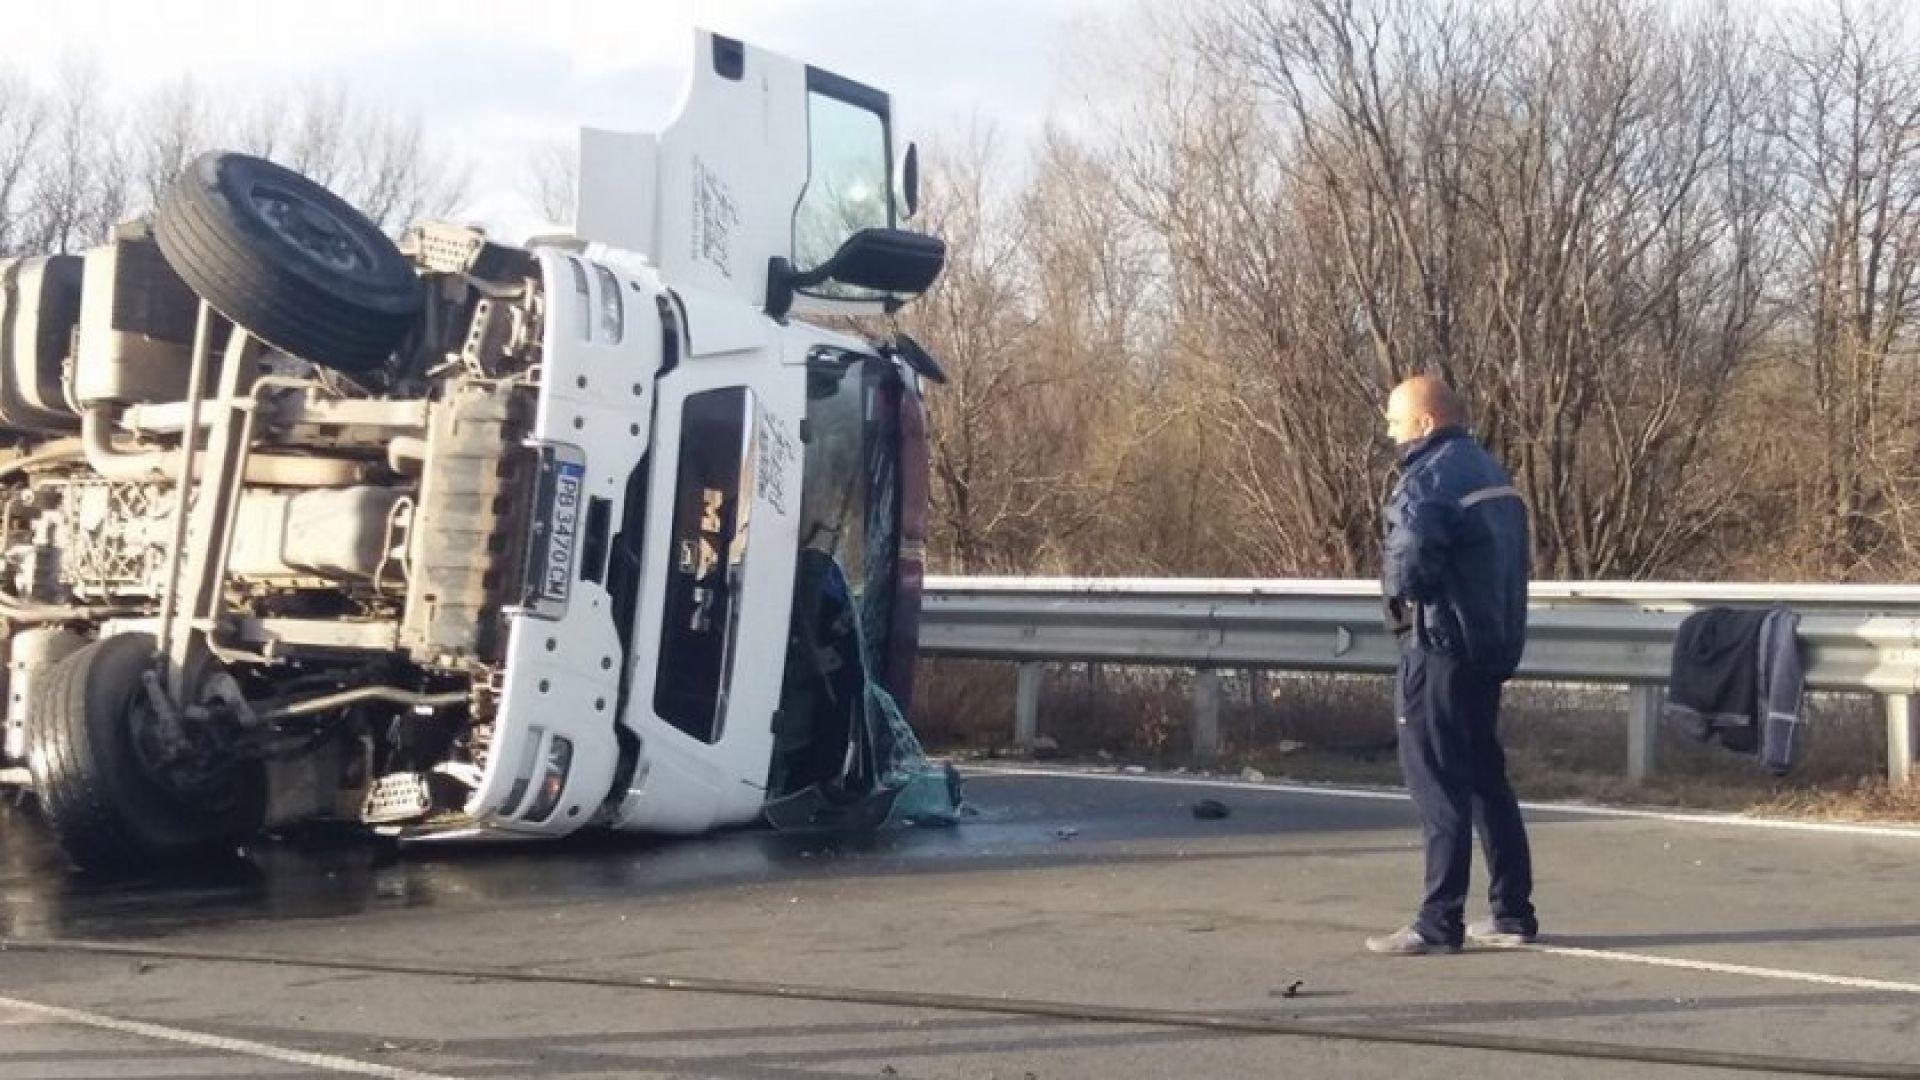 Тежкотоварен камион се обърна тази сутрин в Пловдив. Инцидентът е